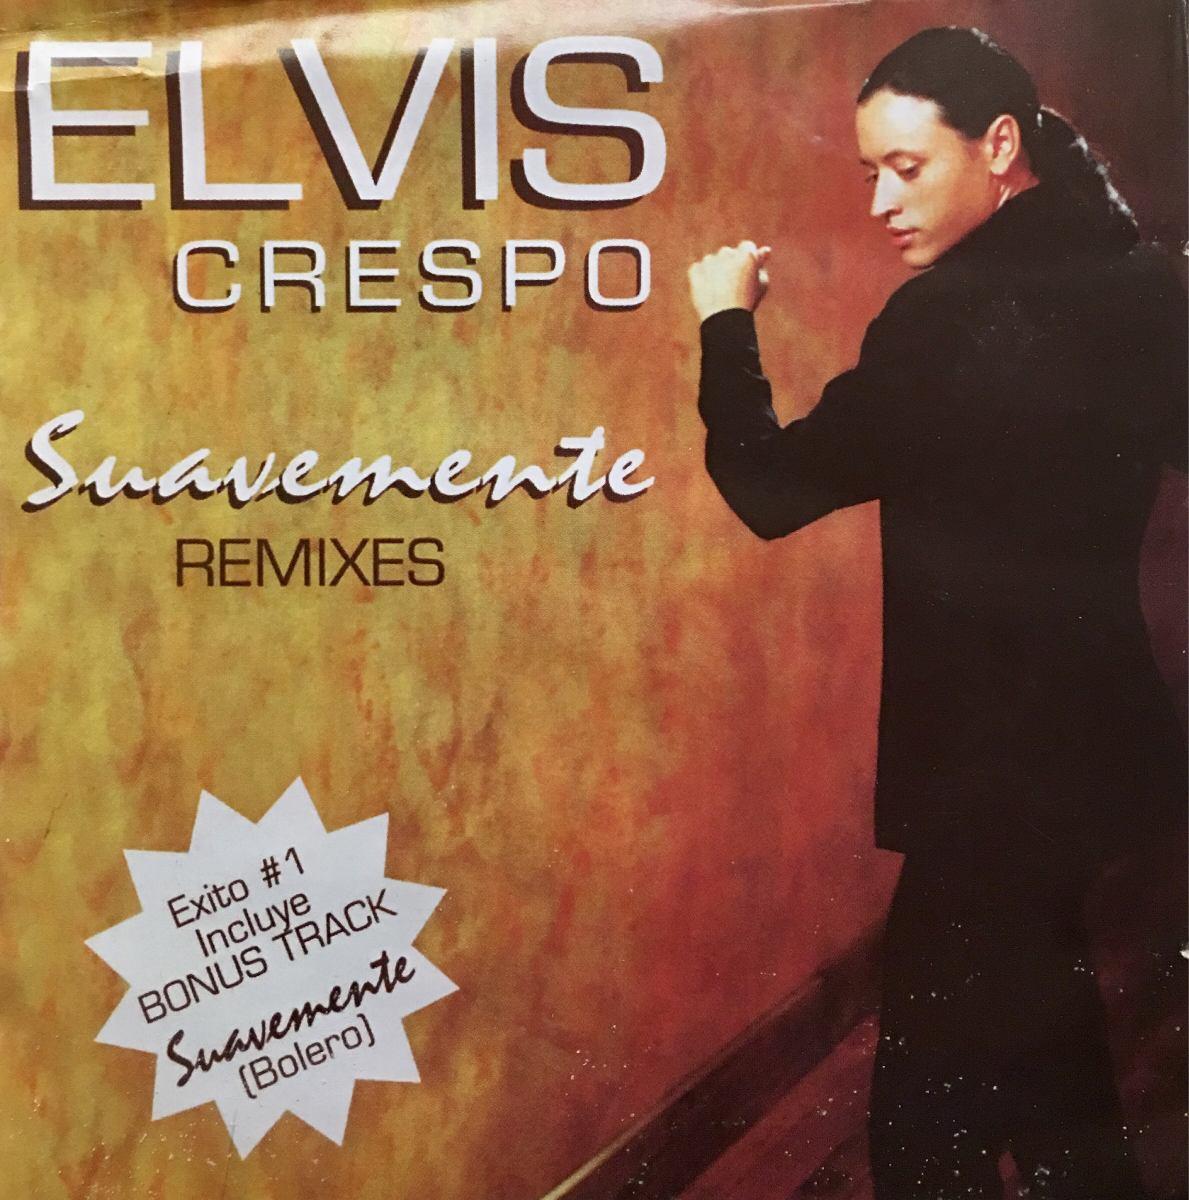 Elvis Crespo - Suavemente mp3 download